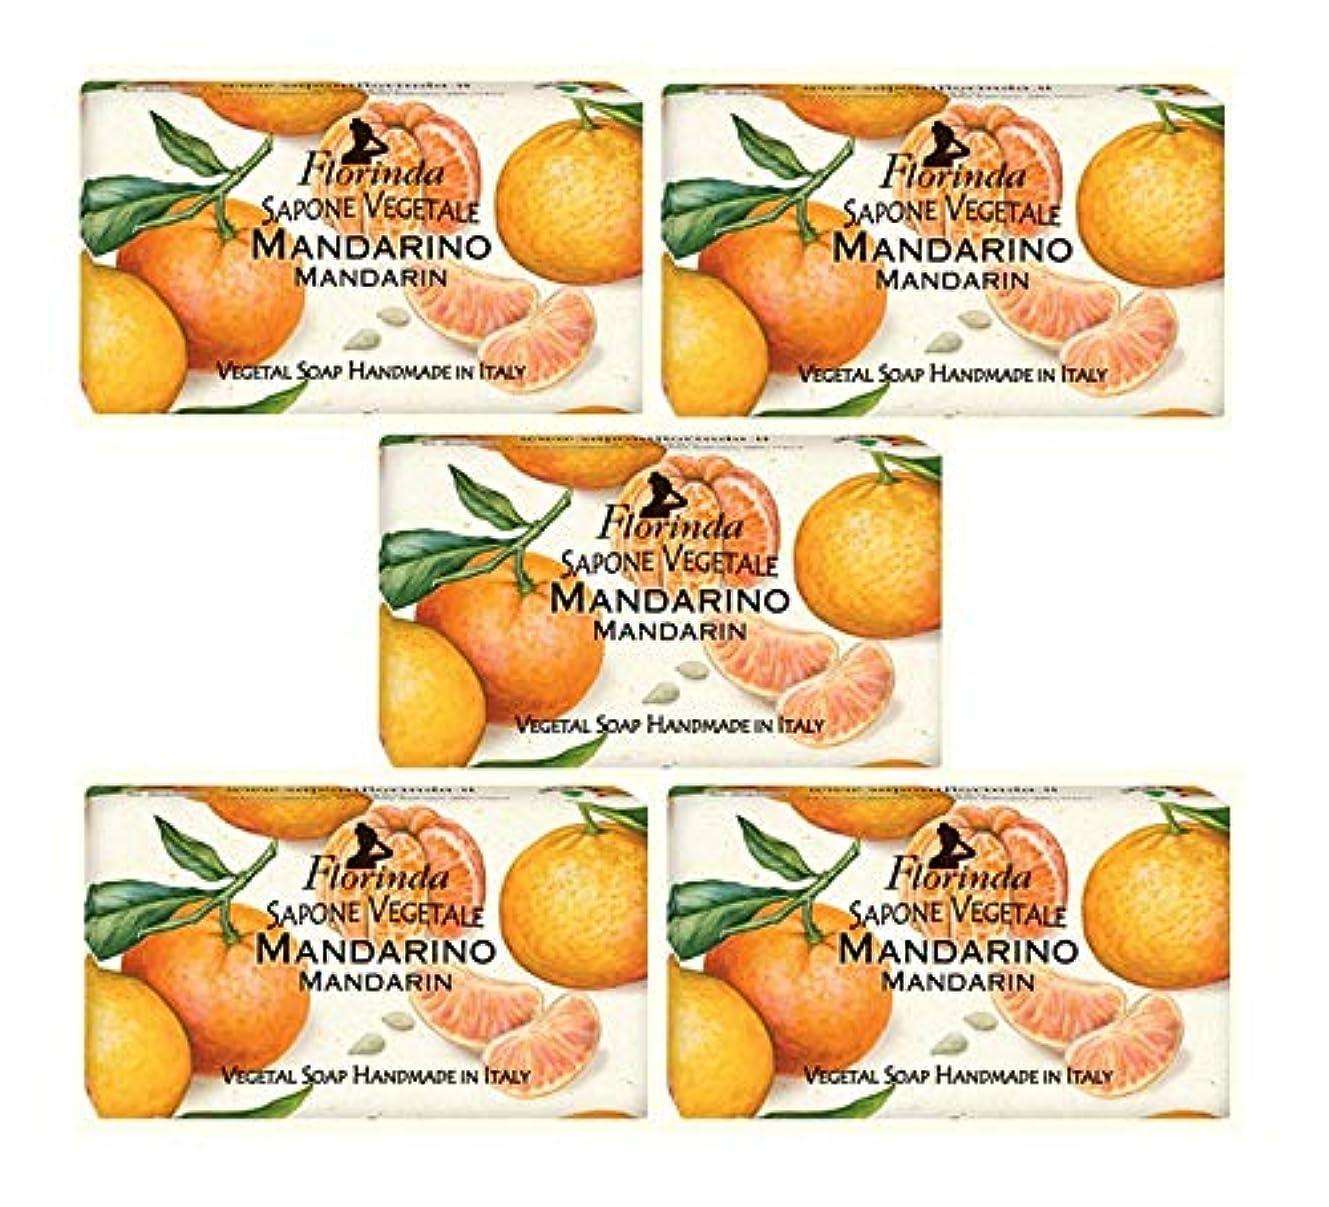 アルバニー神経衰弱偏心フロリンダ フレグランスソープ 固形石けん フルーツの香り マンダリン 95g×5個セット